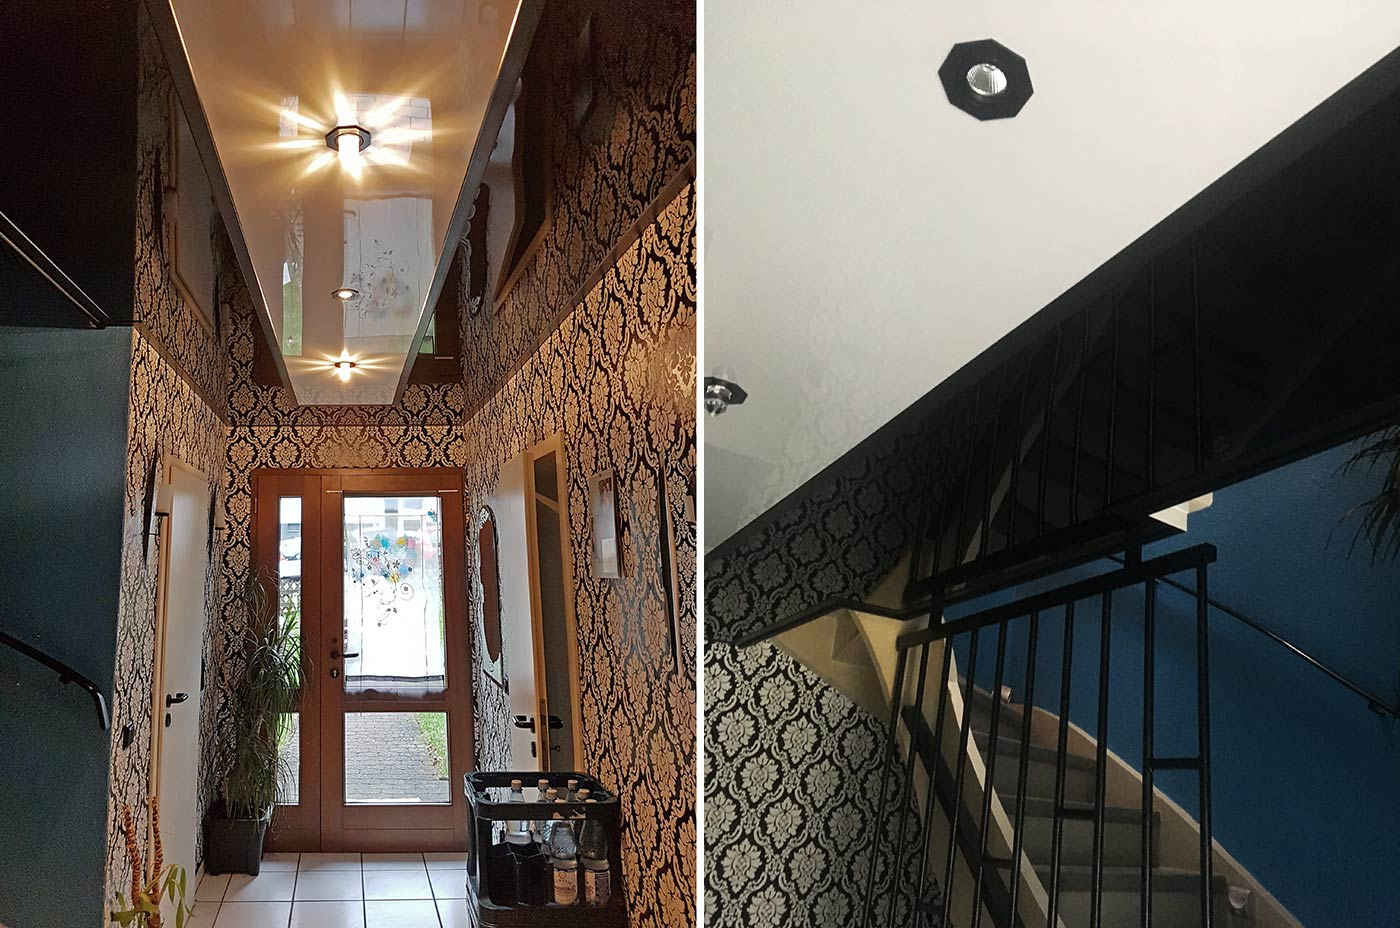 Flurdecke und Treppenhaus mit PLAMECO-Decke renoviert - das fertige Ergebnis in Netphen-Dreis-Tiefenbach ist ein Hingucker geworden.